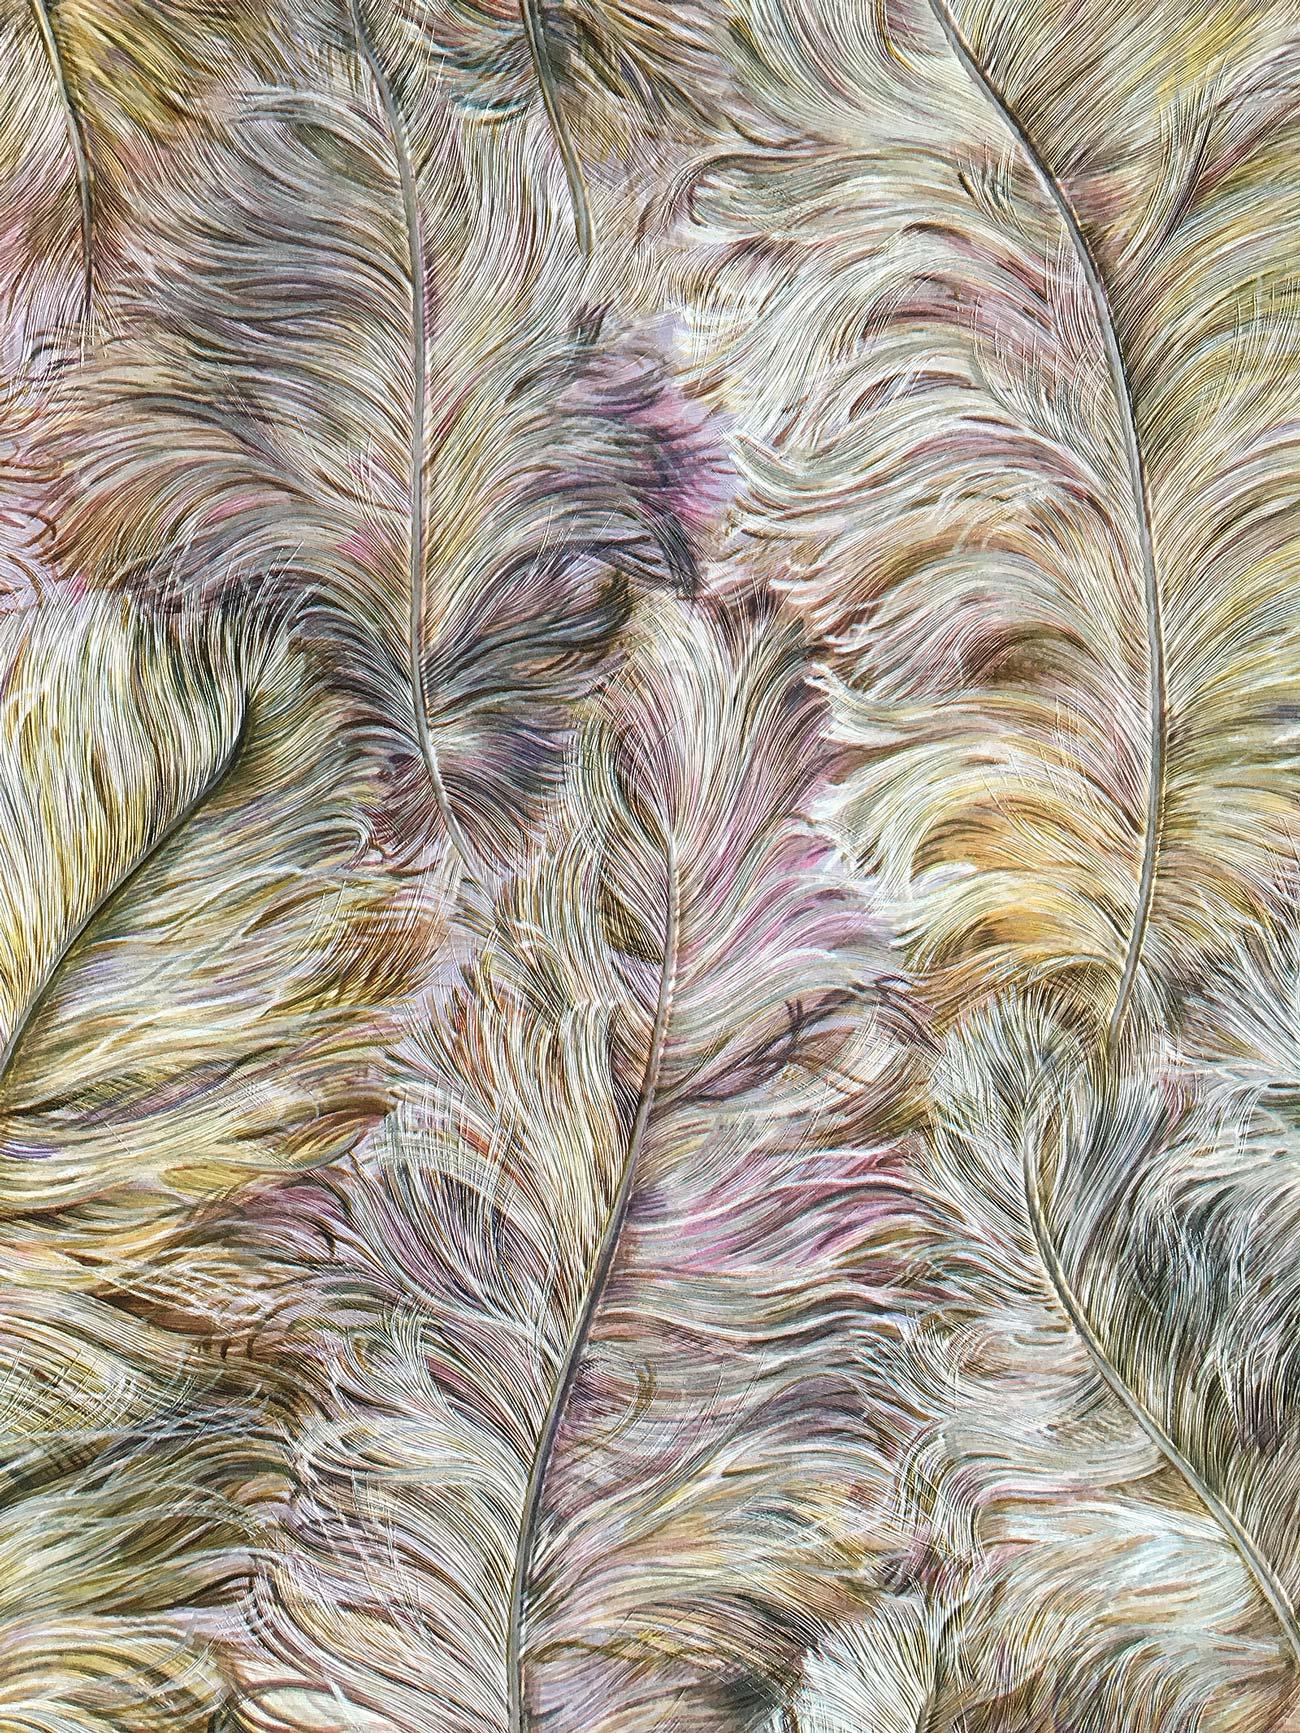 profhome 822205 luxus tapete federn gl nzend alt rosa gold gelb silber 5 33 m2 ebay. Black Bedroom Furniture Sets. Home Design Ideas